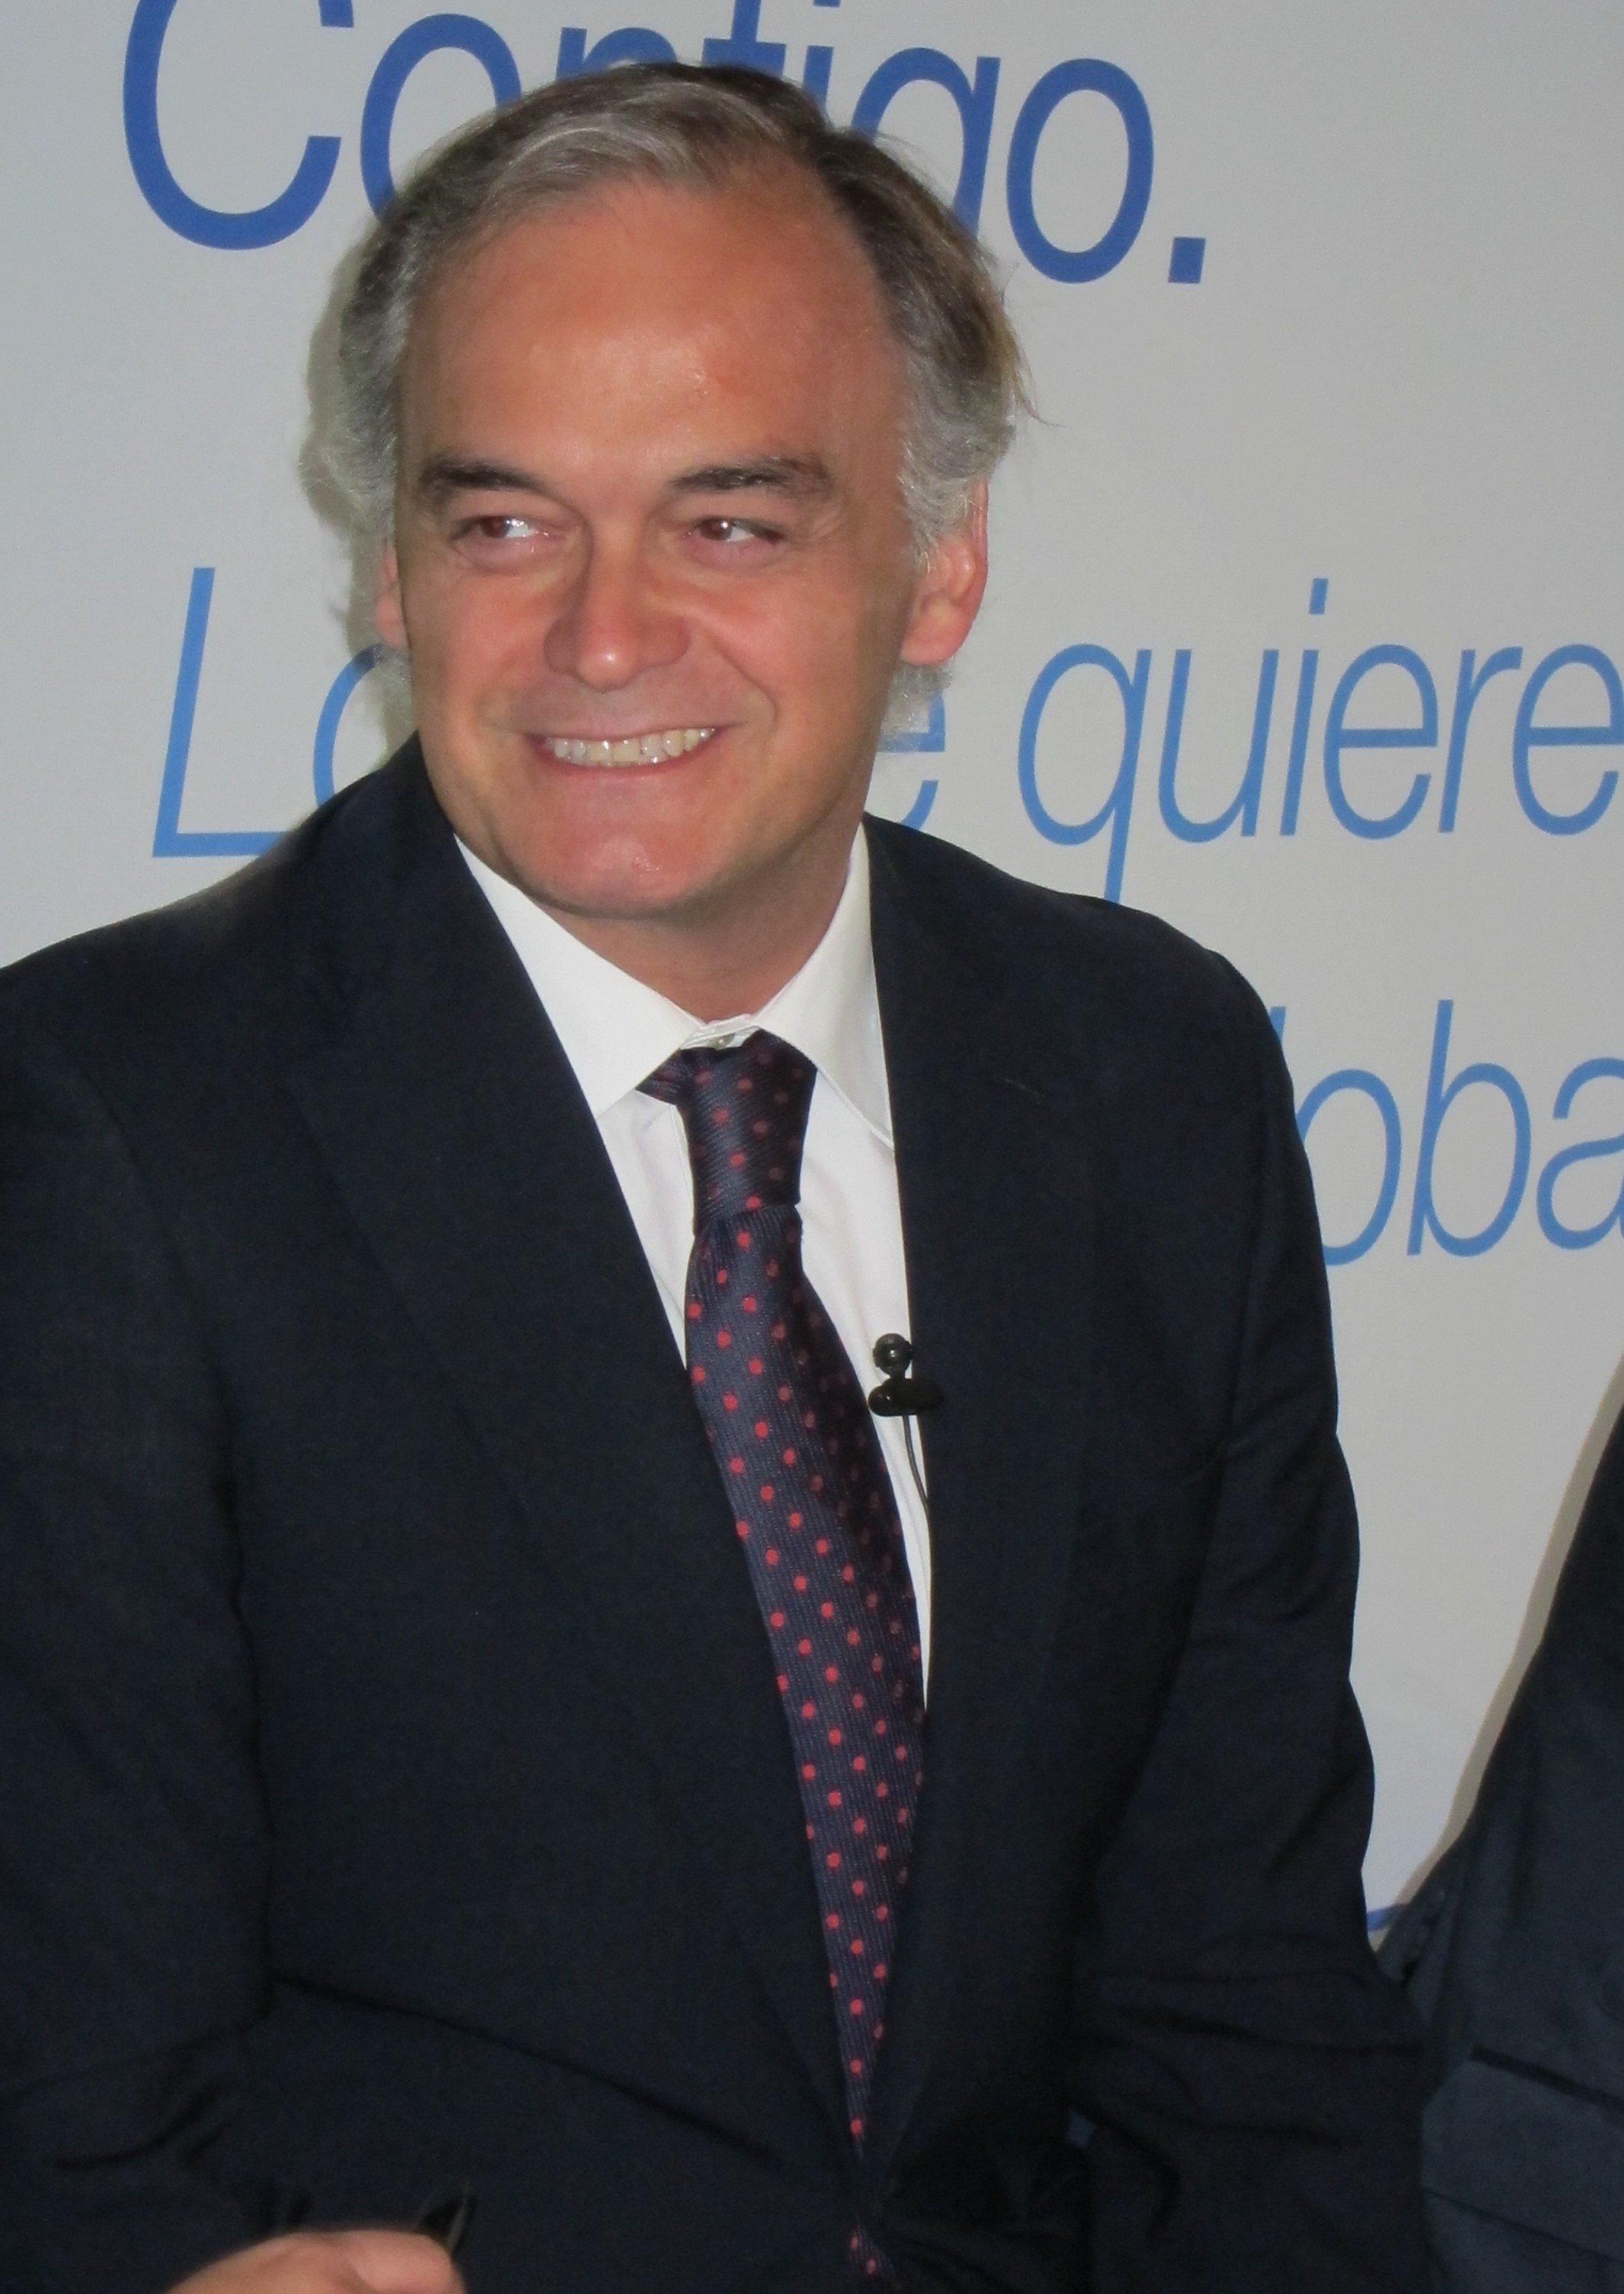 González Pons, satisfecho porque «hace lo que hacía» pero con una responsabilidad «nueva» y «más importante»